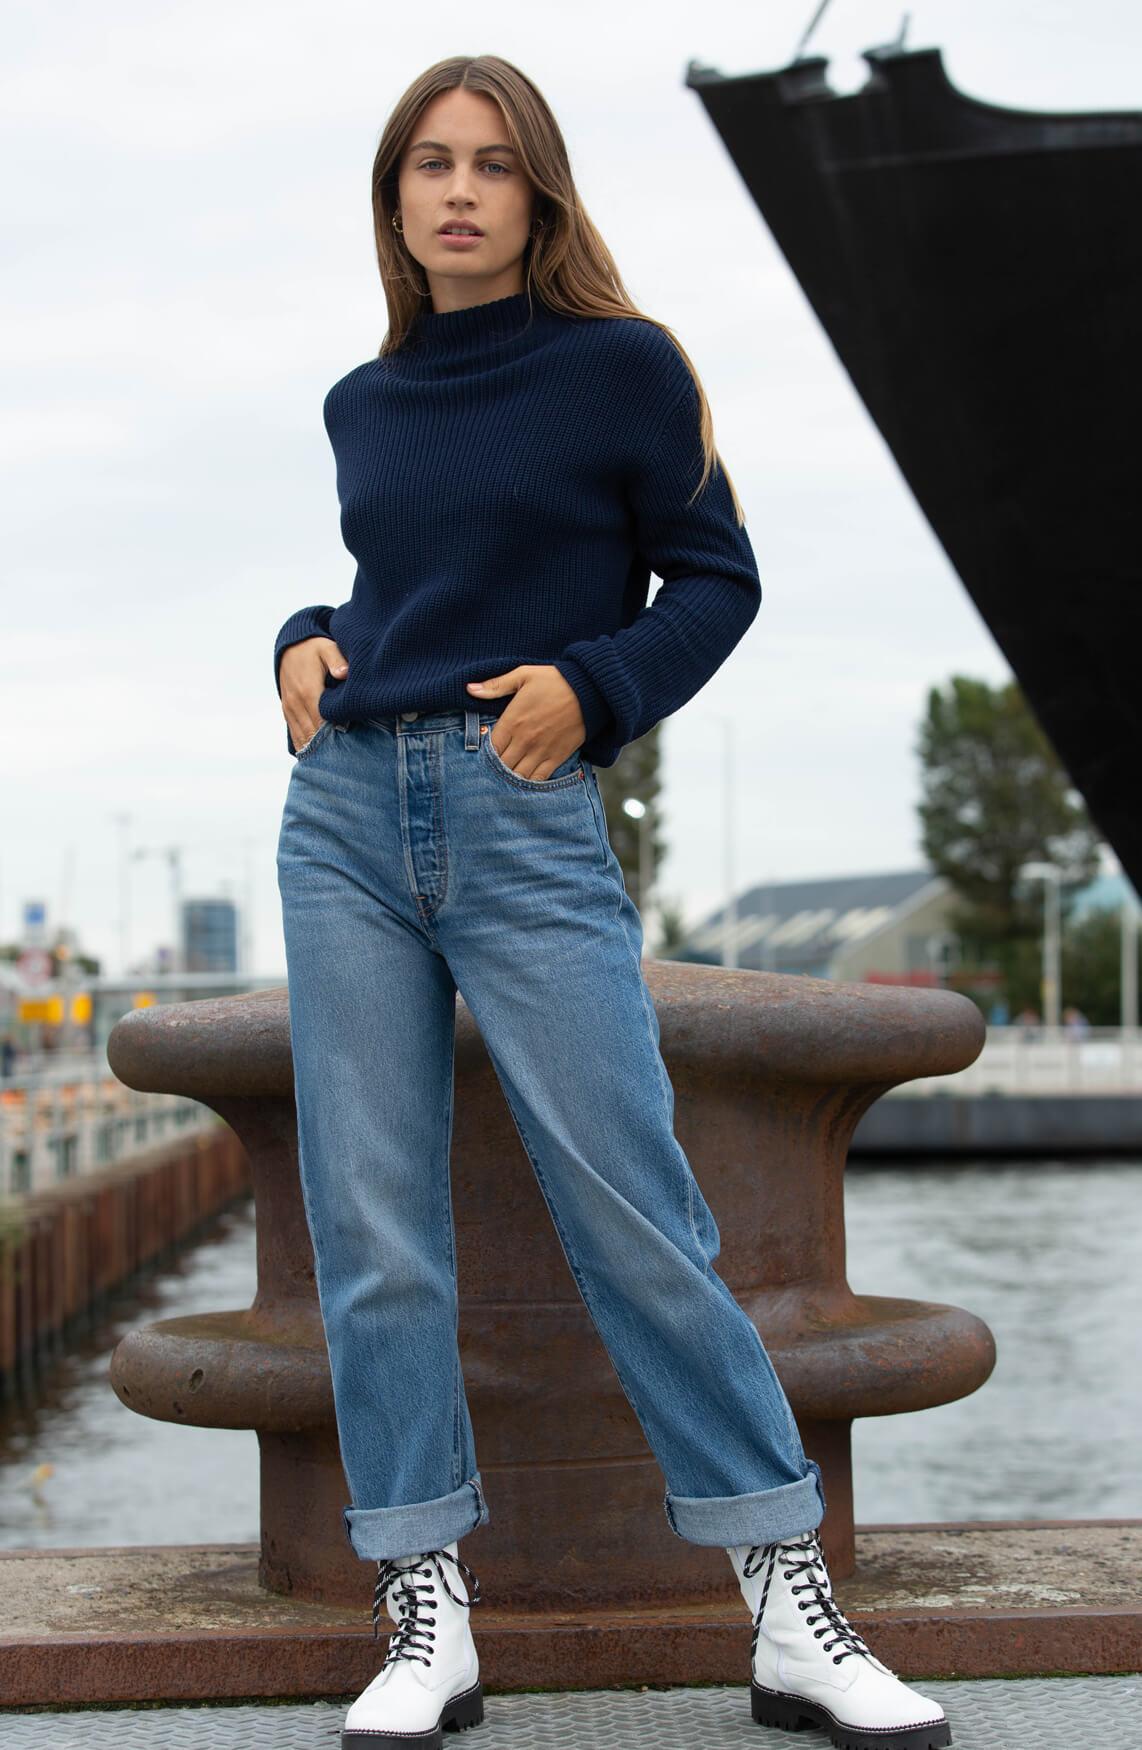 Anna Blue Dames Gebreide pullover Blauw